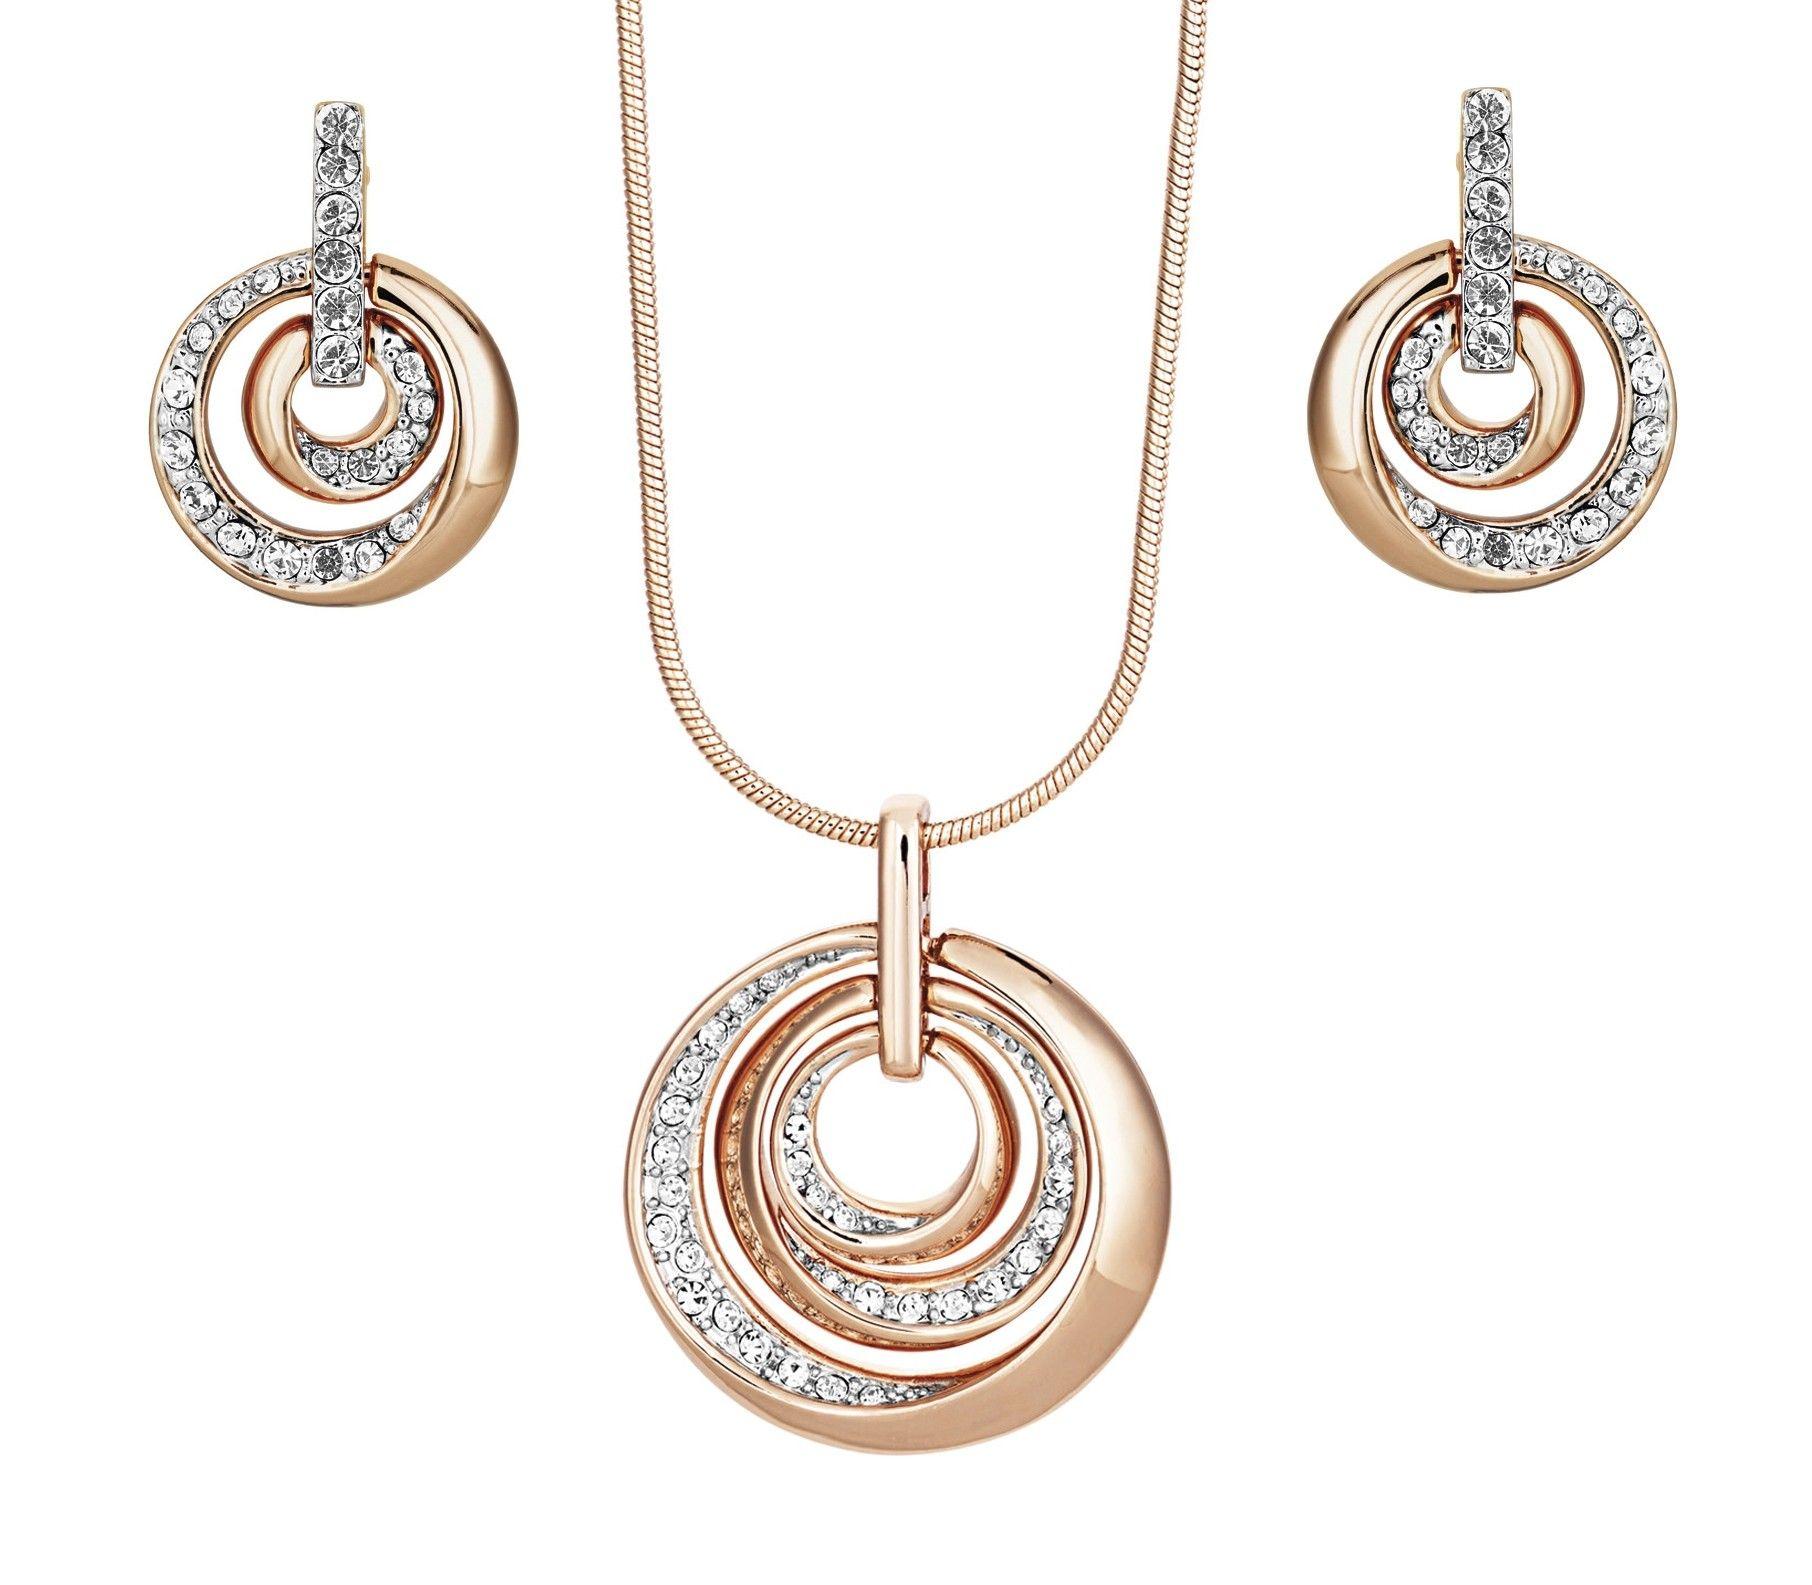 Lunar rose gold set £15 + £3.99 delivery @ Buckley London